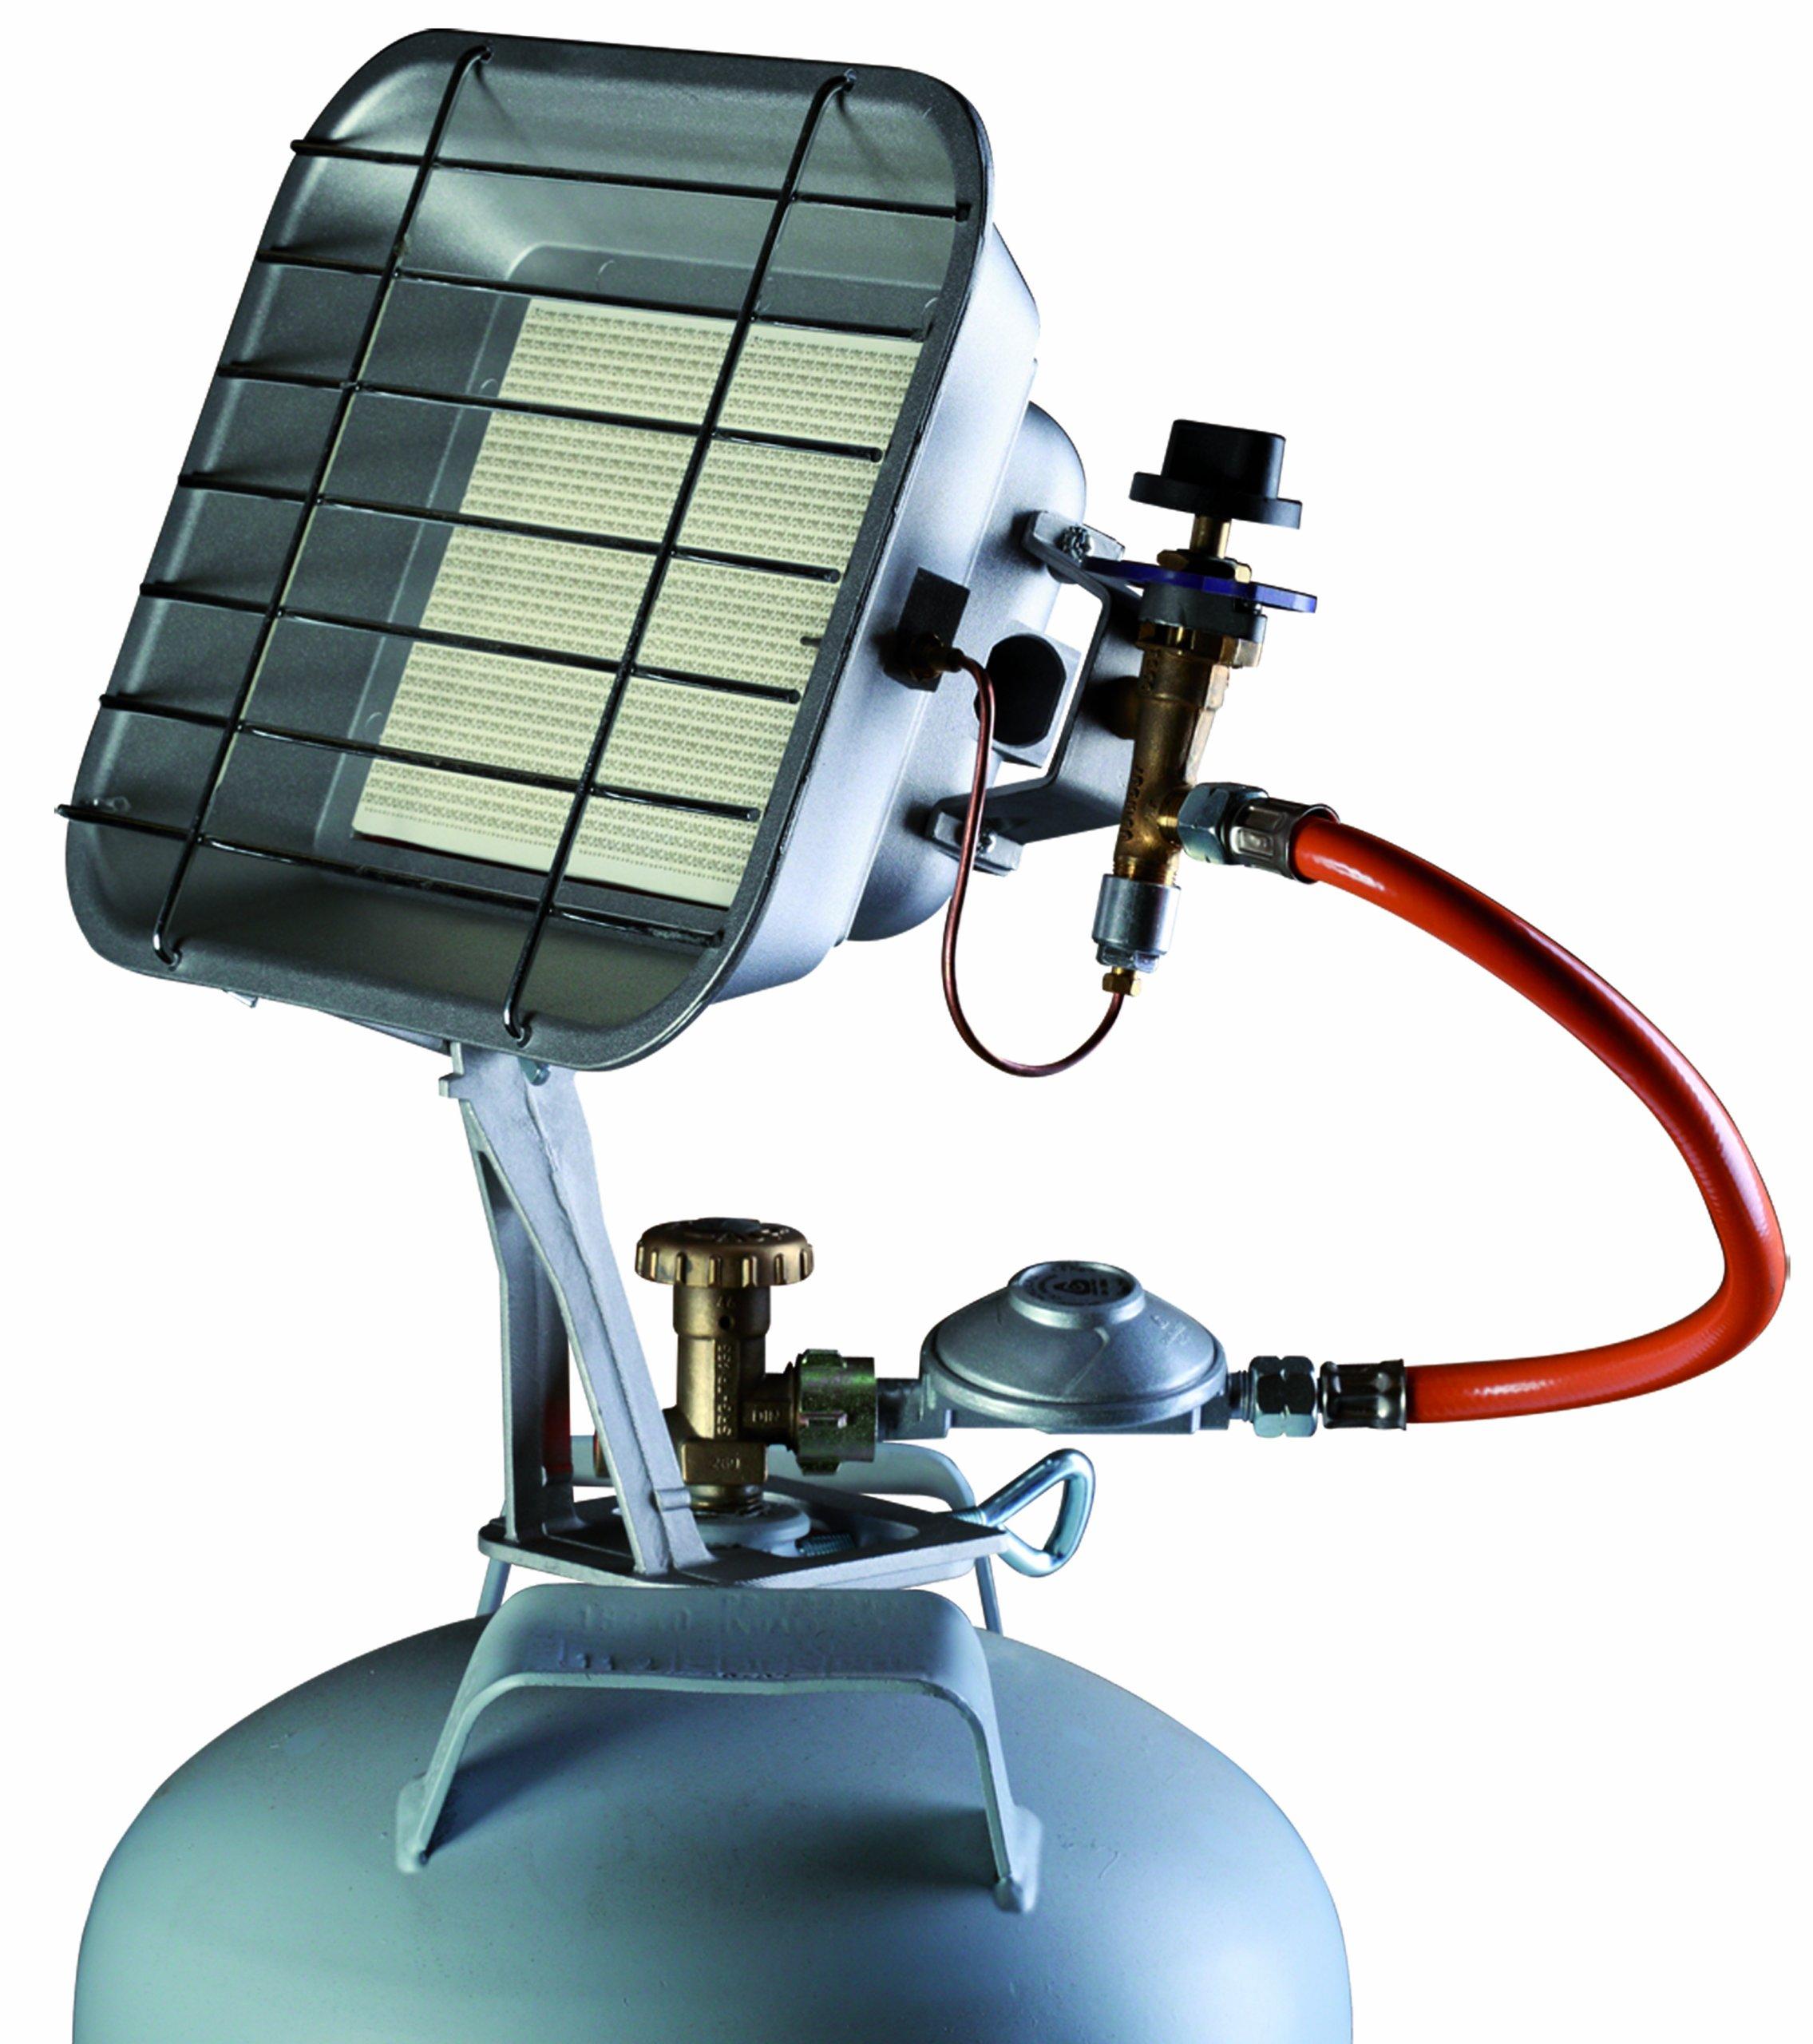 Rowi, Radiatore a gas 4,6 KW temperatura regolabile 1 03 02 0008